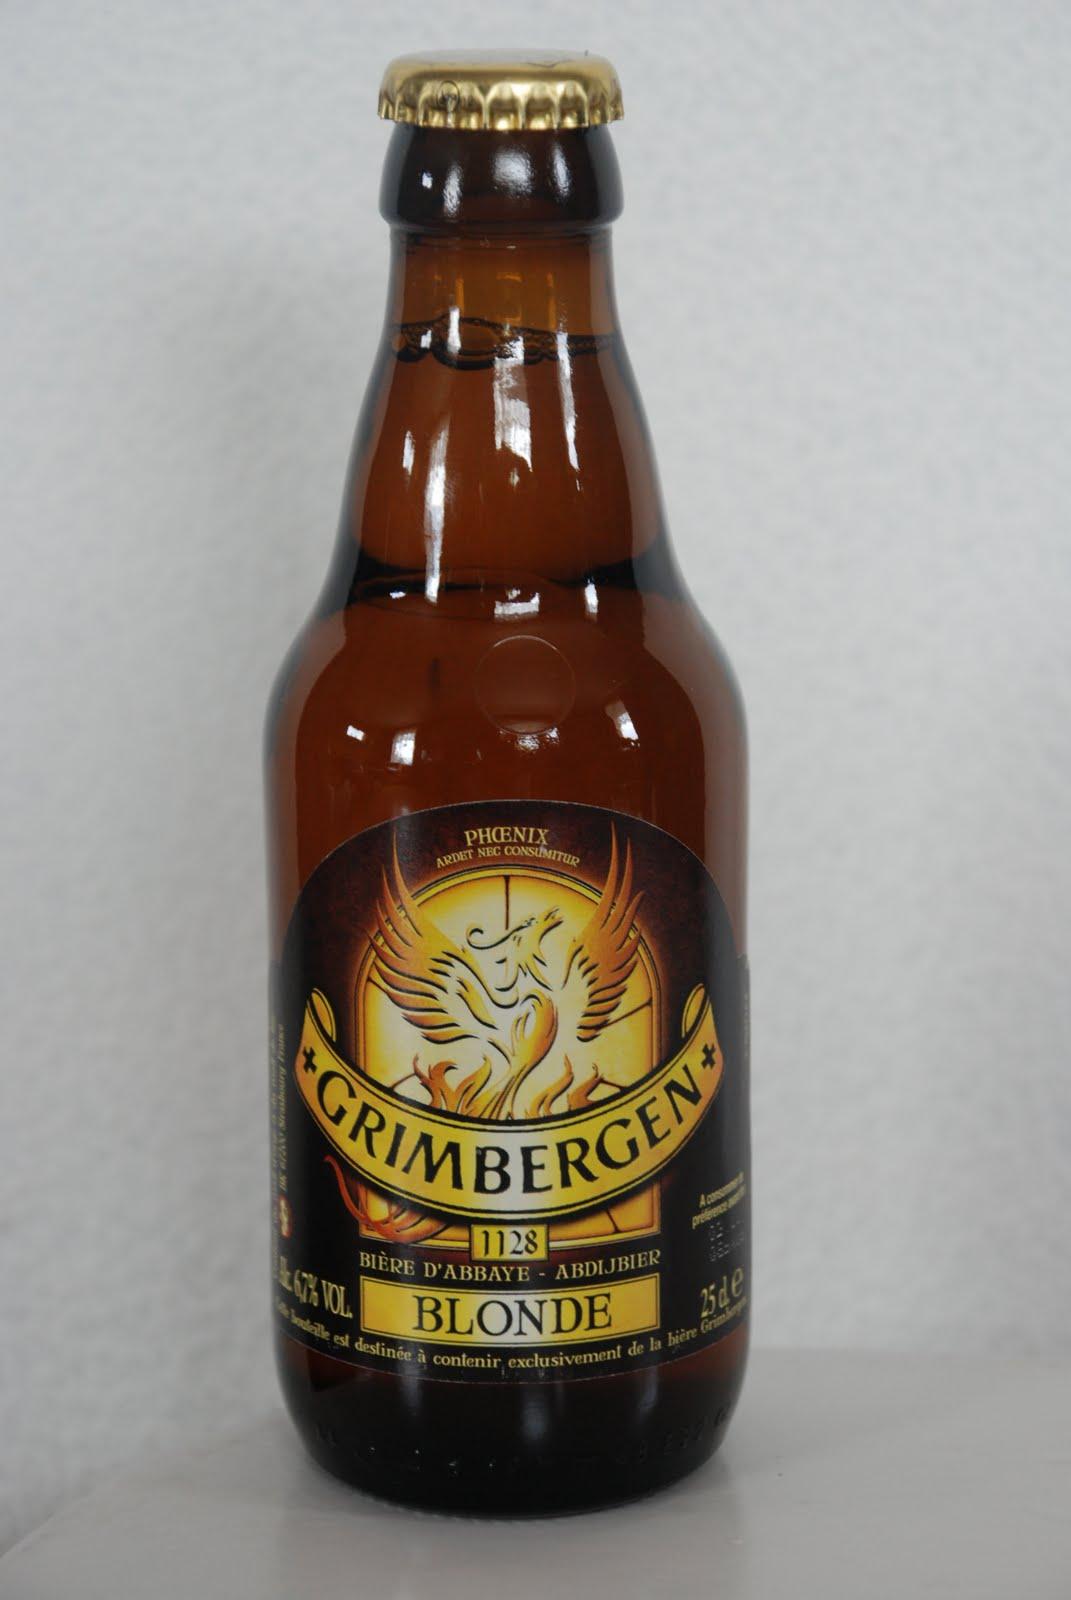 0fe50a3d Grimbergen Blonde har en kosefaktor på 6,7% og har en lekker ølete farge.  Det er lite lukt av dette ølet, og smaken er grusom. Dette brygget må være  silt ...